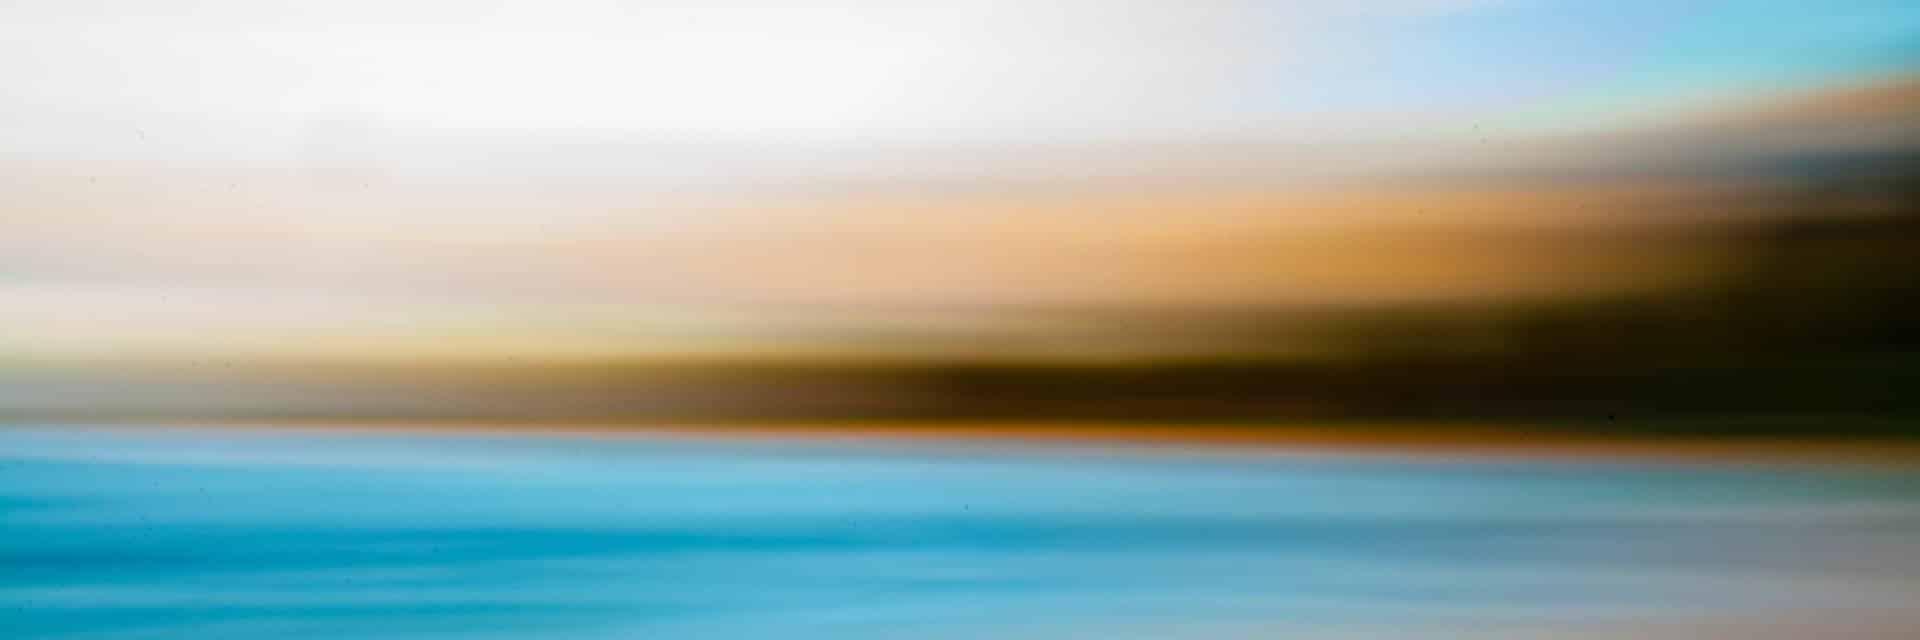 Burnoutside. Blog von Roland Tischberger